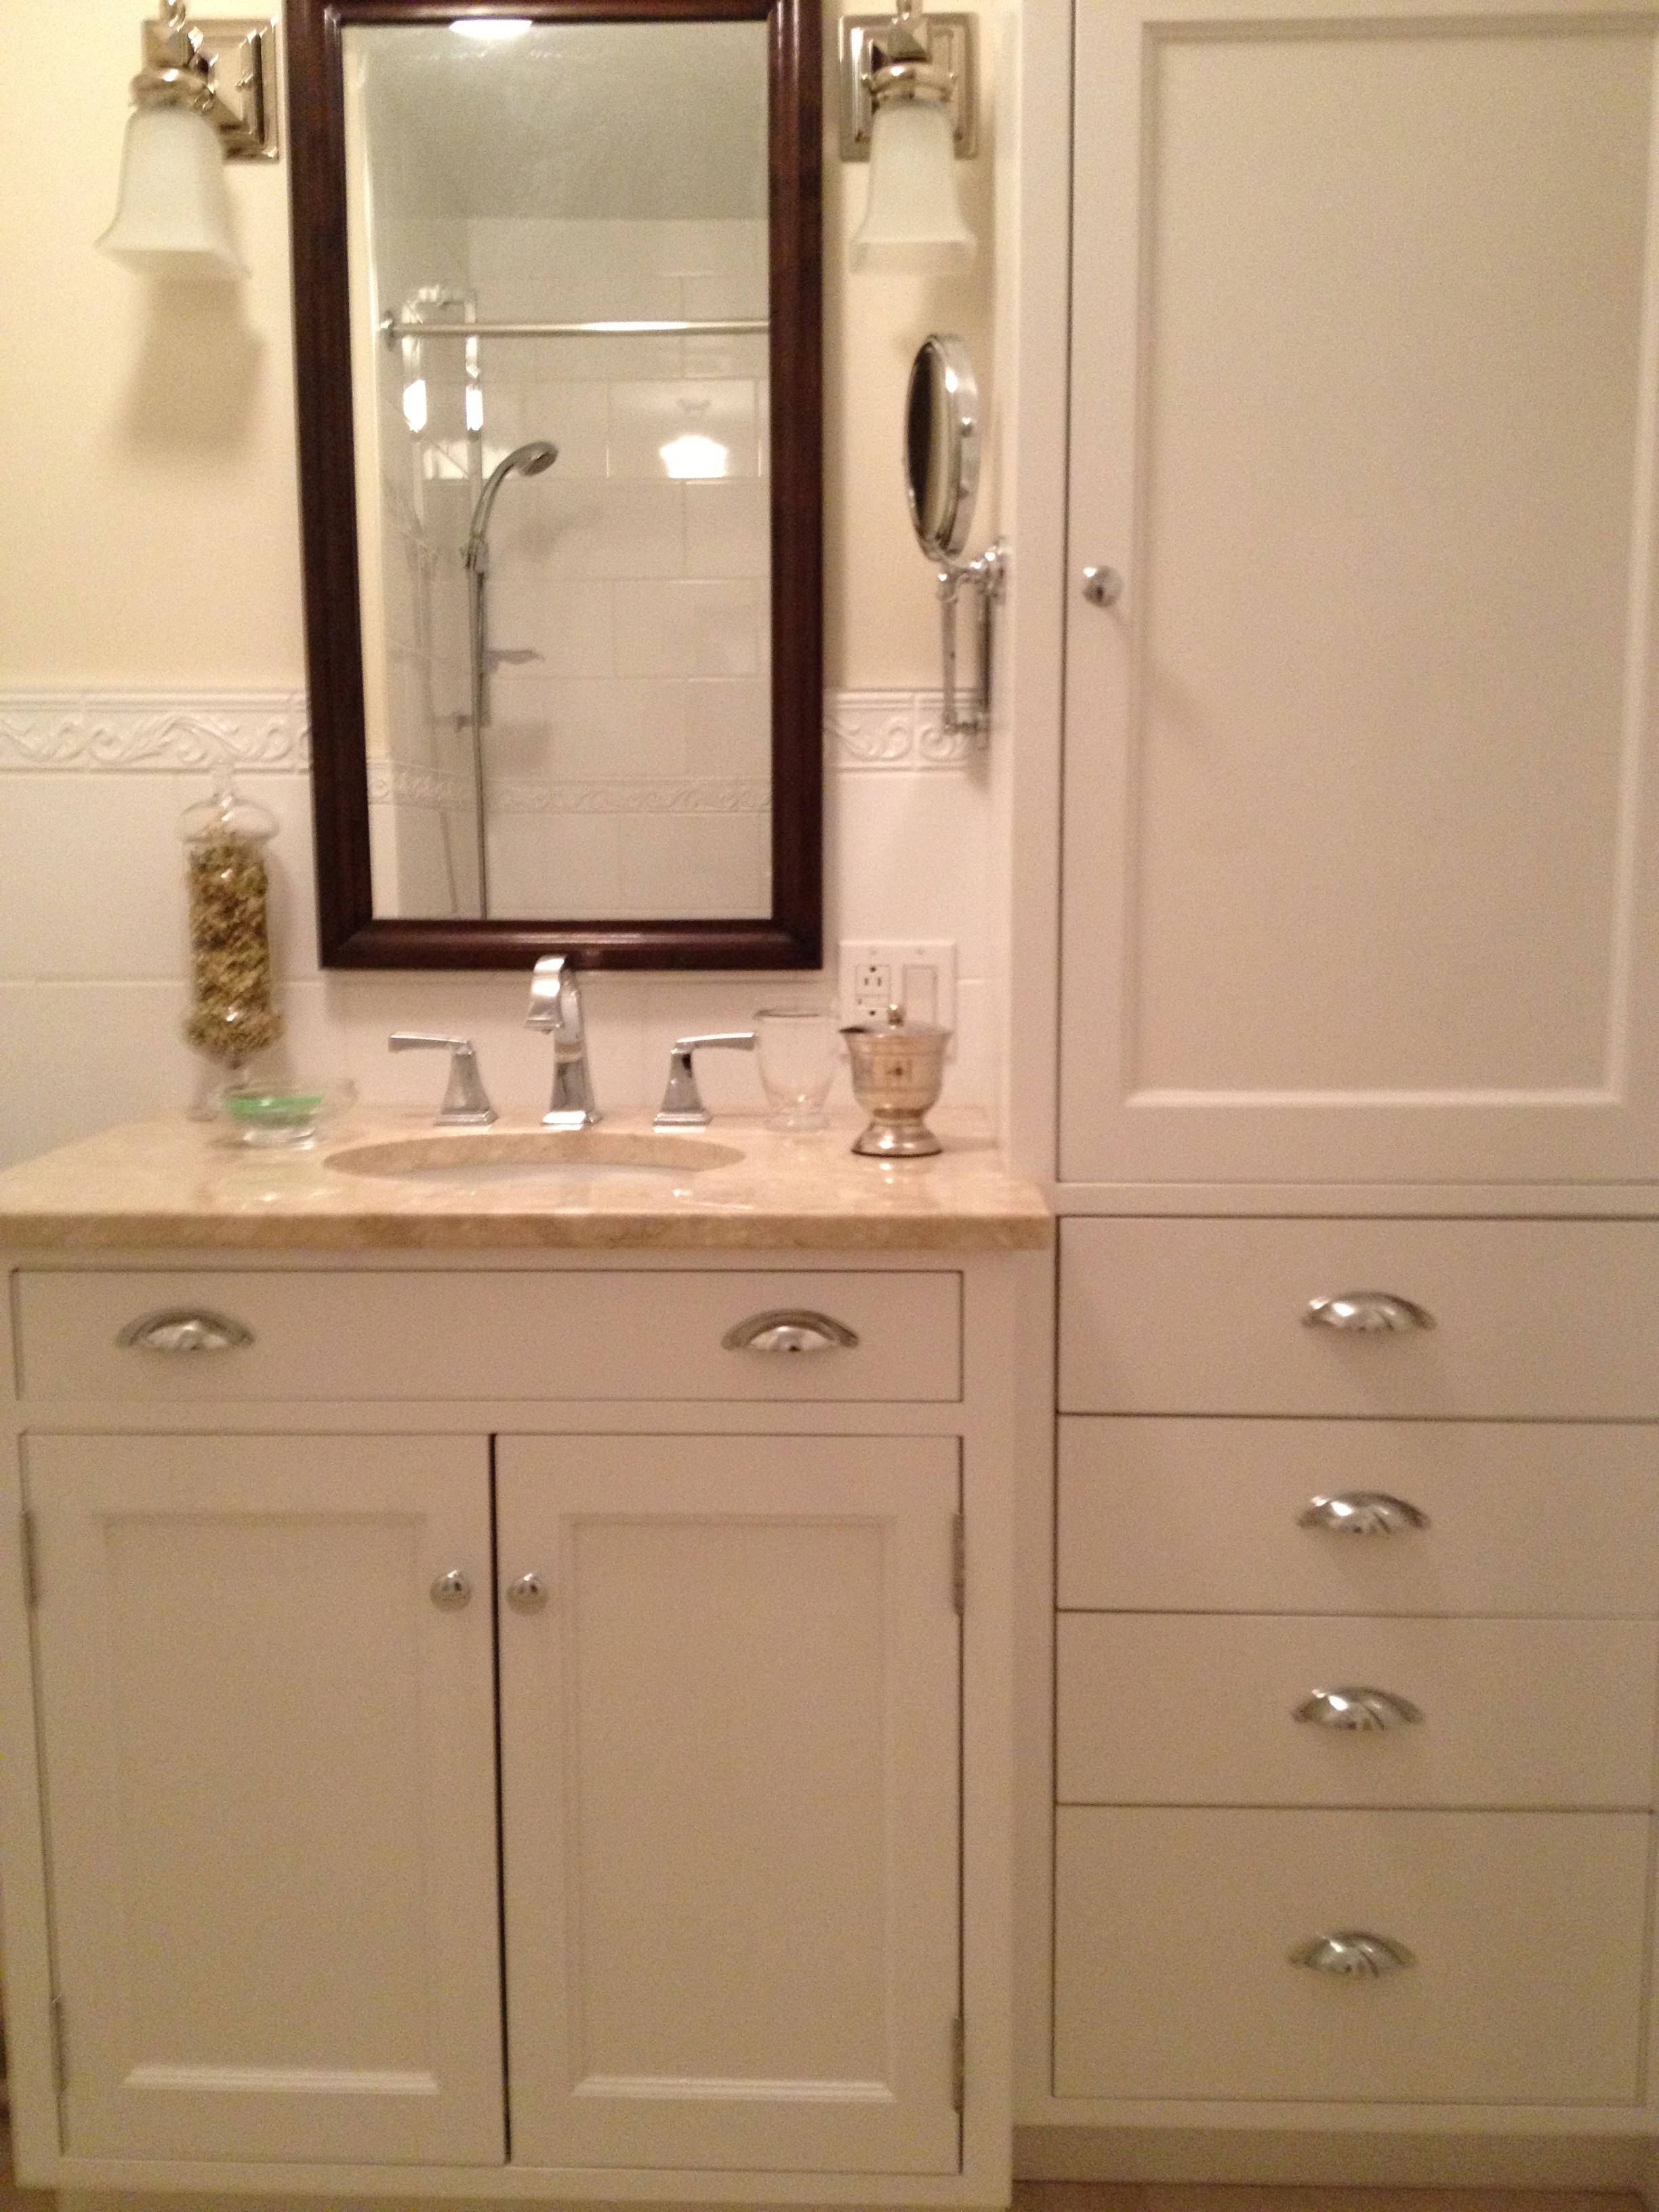 Douche salle de bain pas cher avec des for Douche salle de bain pas cher